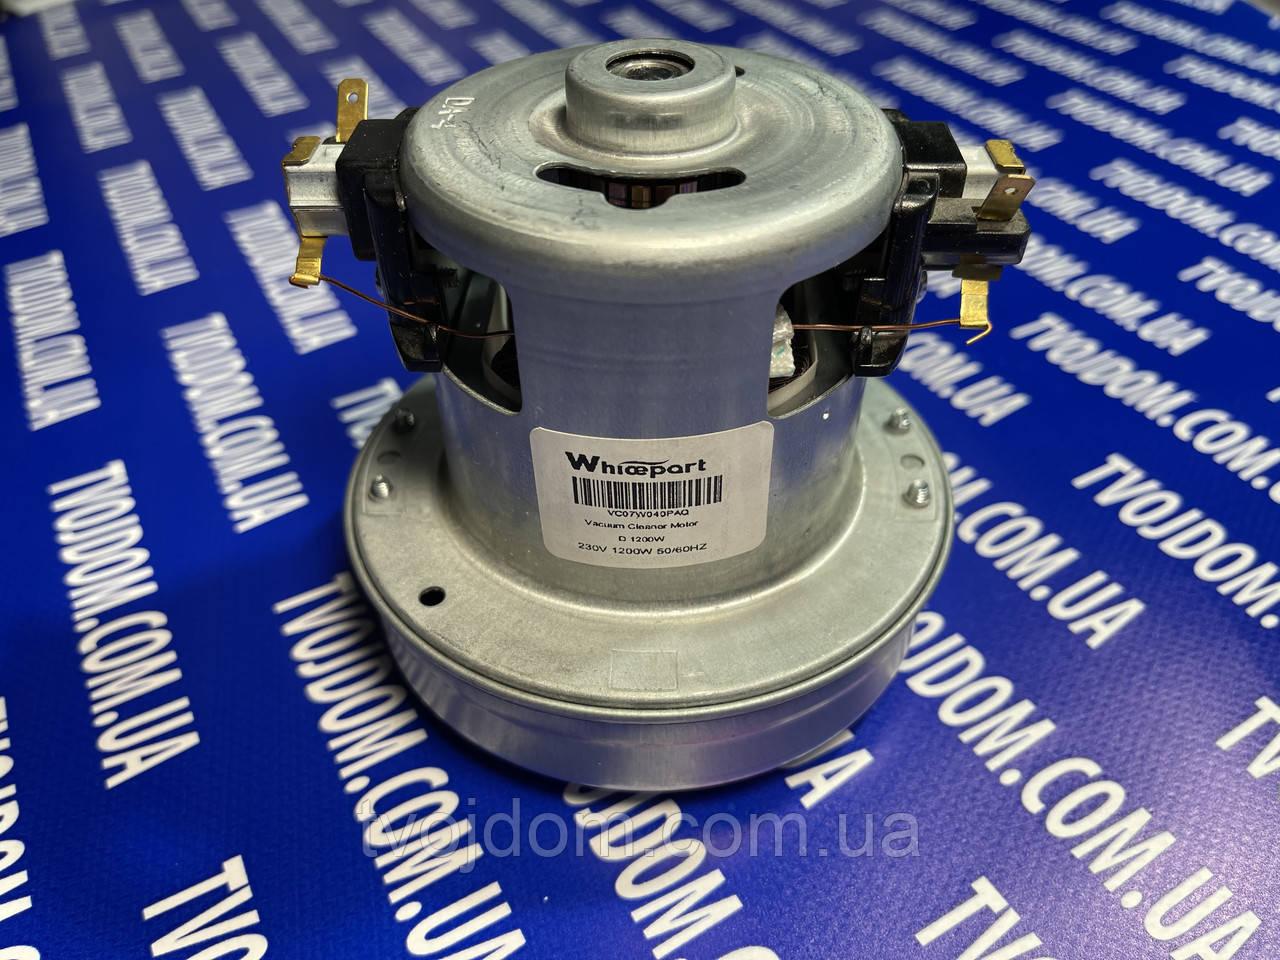 Двигатель для пылесоса D 1200W малый VC07W0292AQ